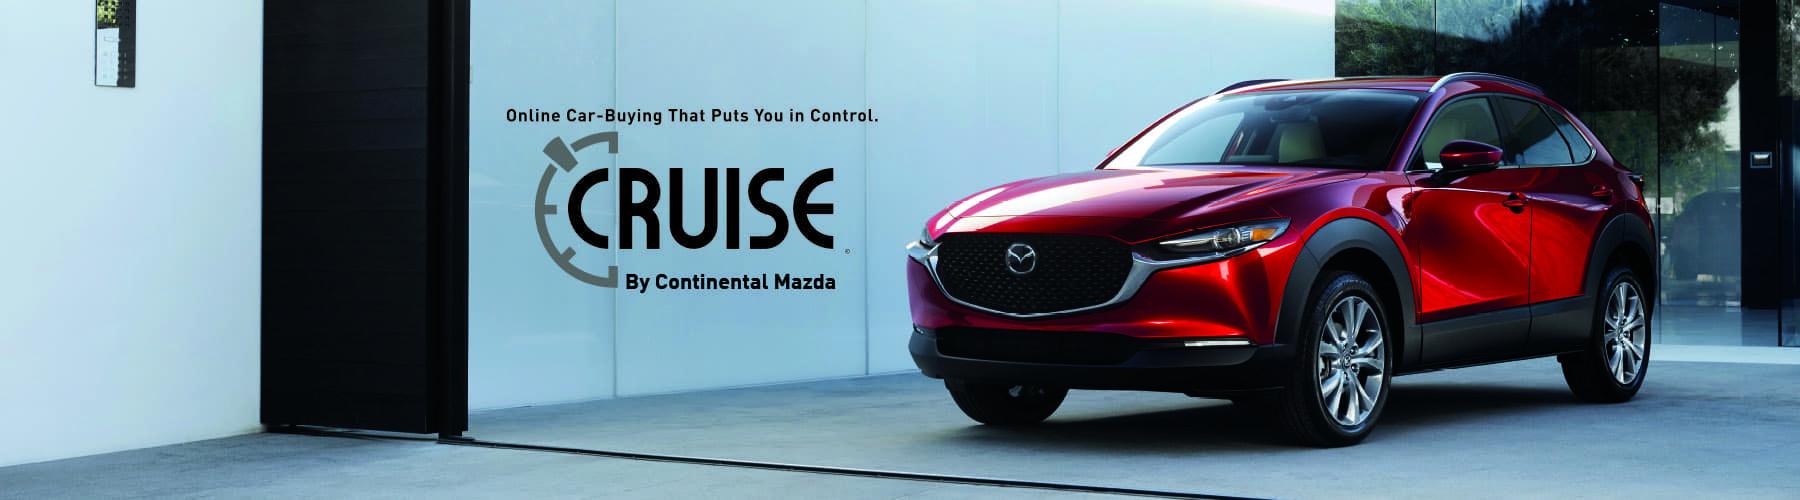 MazdaCruise_1800x500